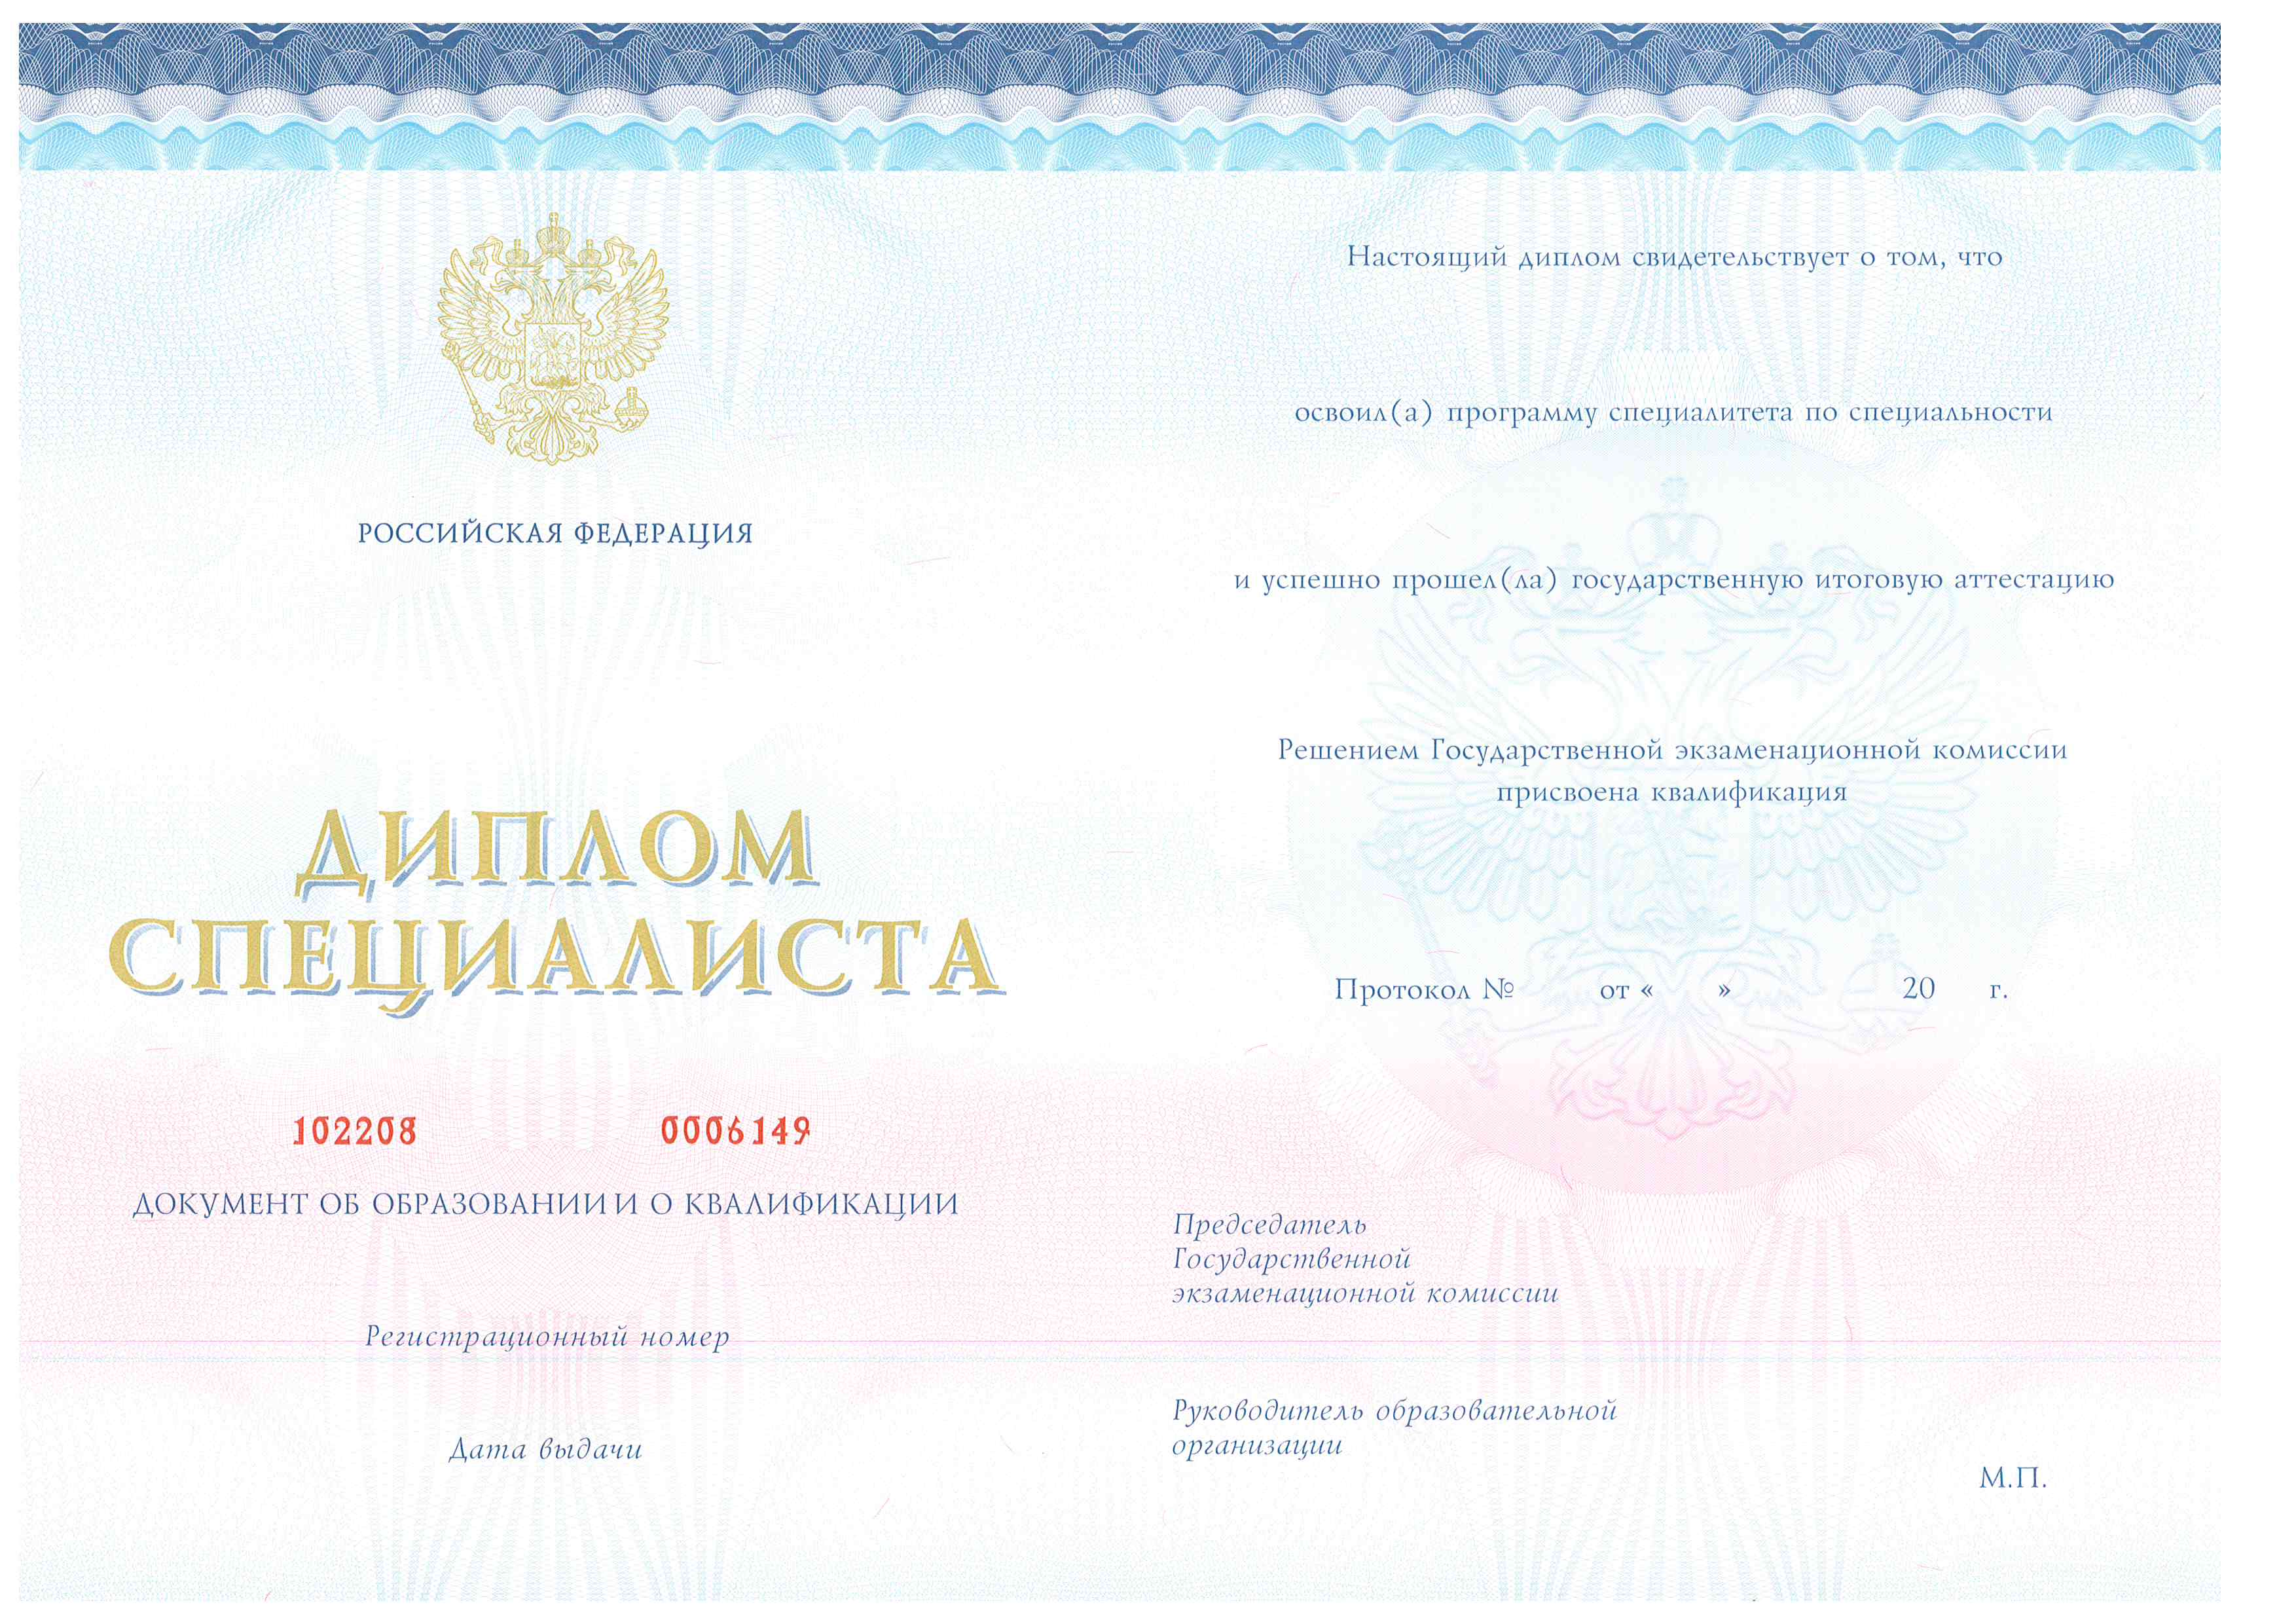 Бланки документов о высшем образовании АлтГТУ Приложение к диплому бакалавра и специалиста